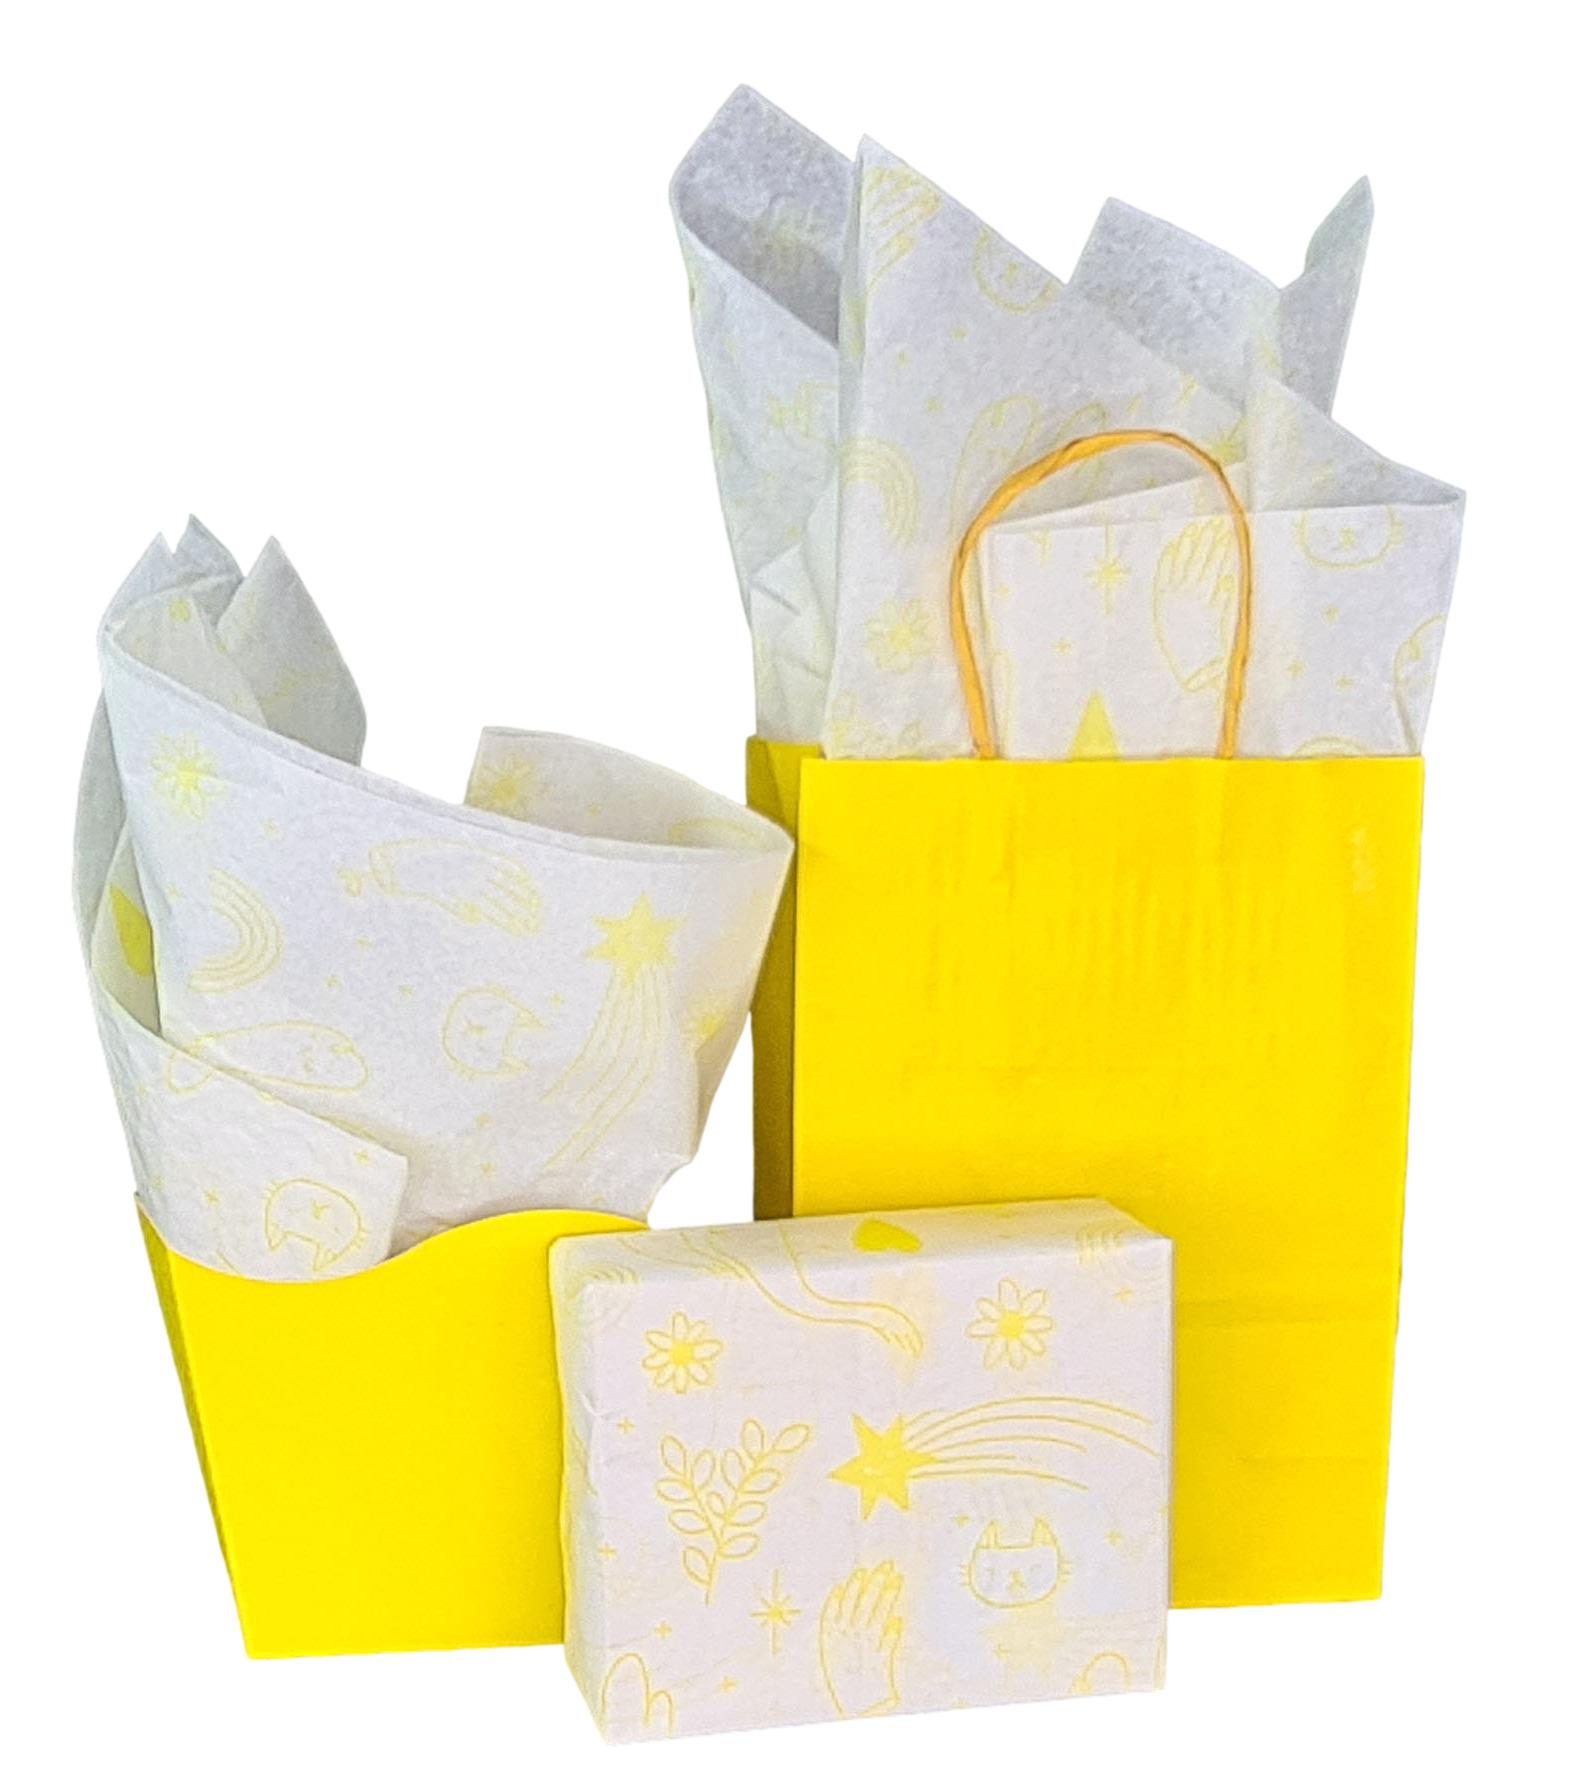 Papel de Seda Personalizado 20g/m - Tamanho 50 x 70 - Linha paper 1132  - Litex Embalagens